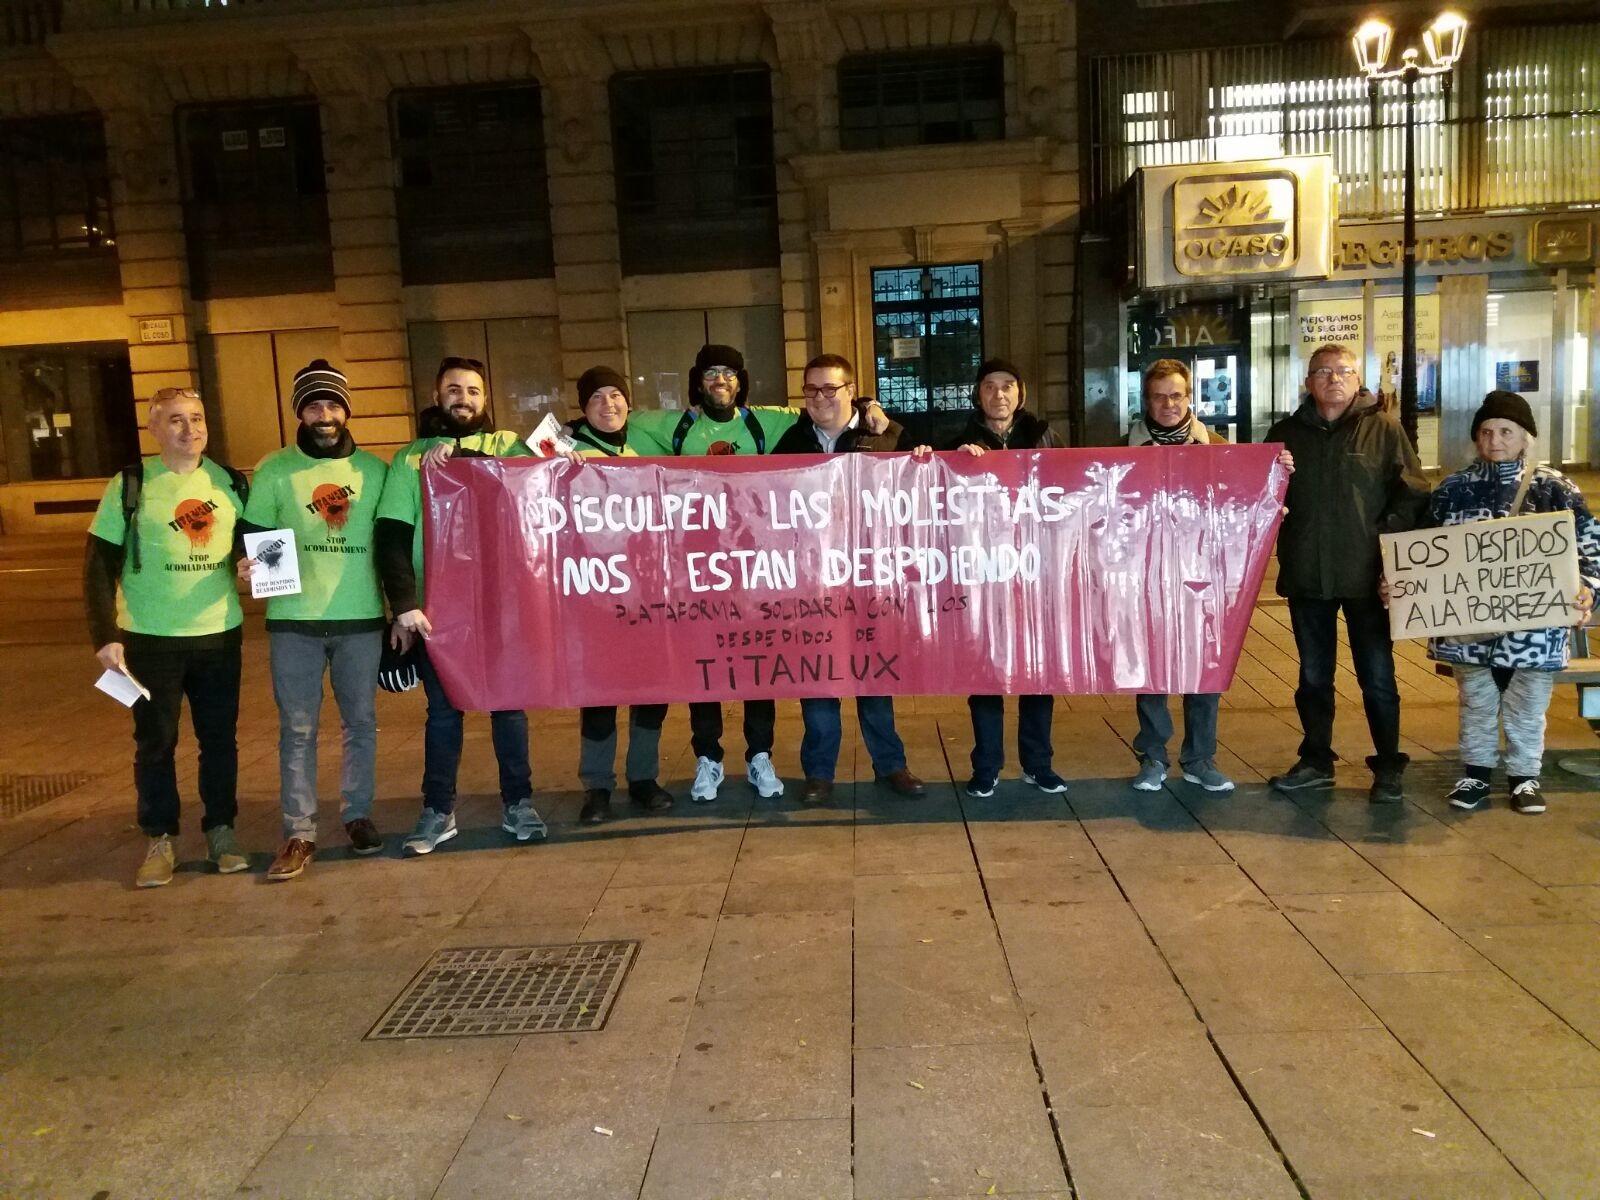 Concentración y reparto de octavillas de trabajadores de Titanlux y solidaridad con ellos